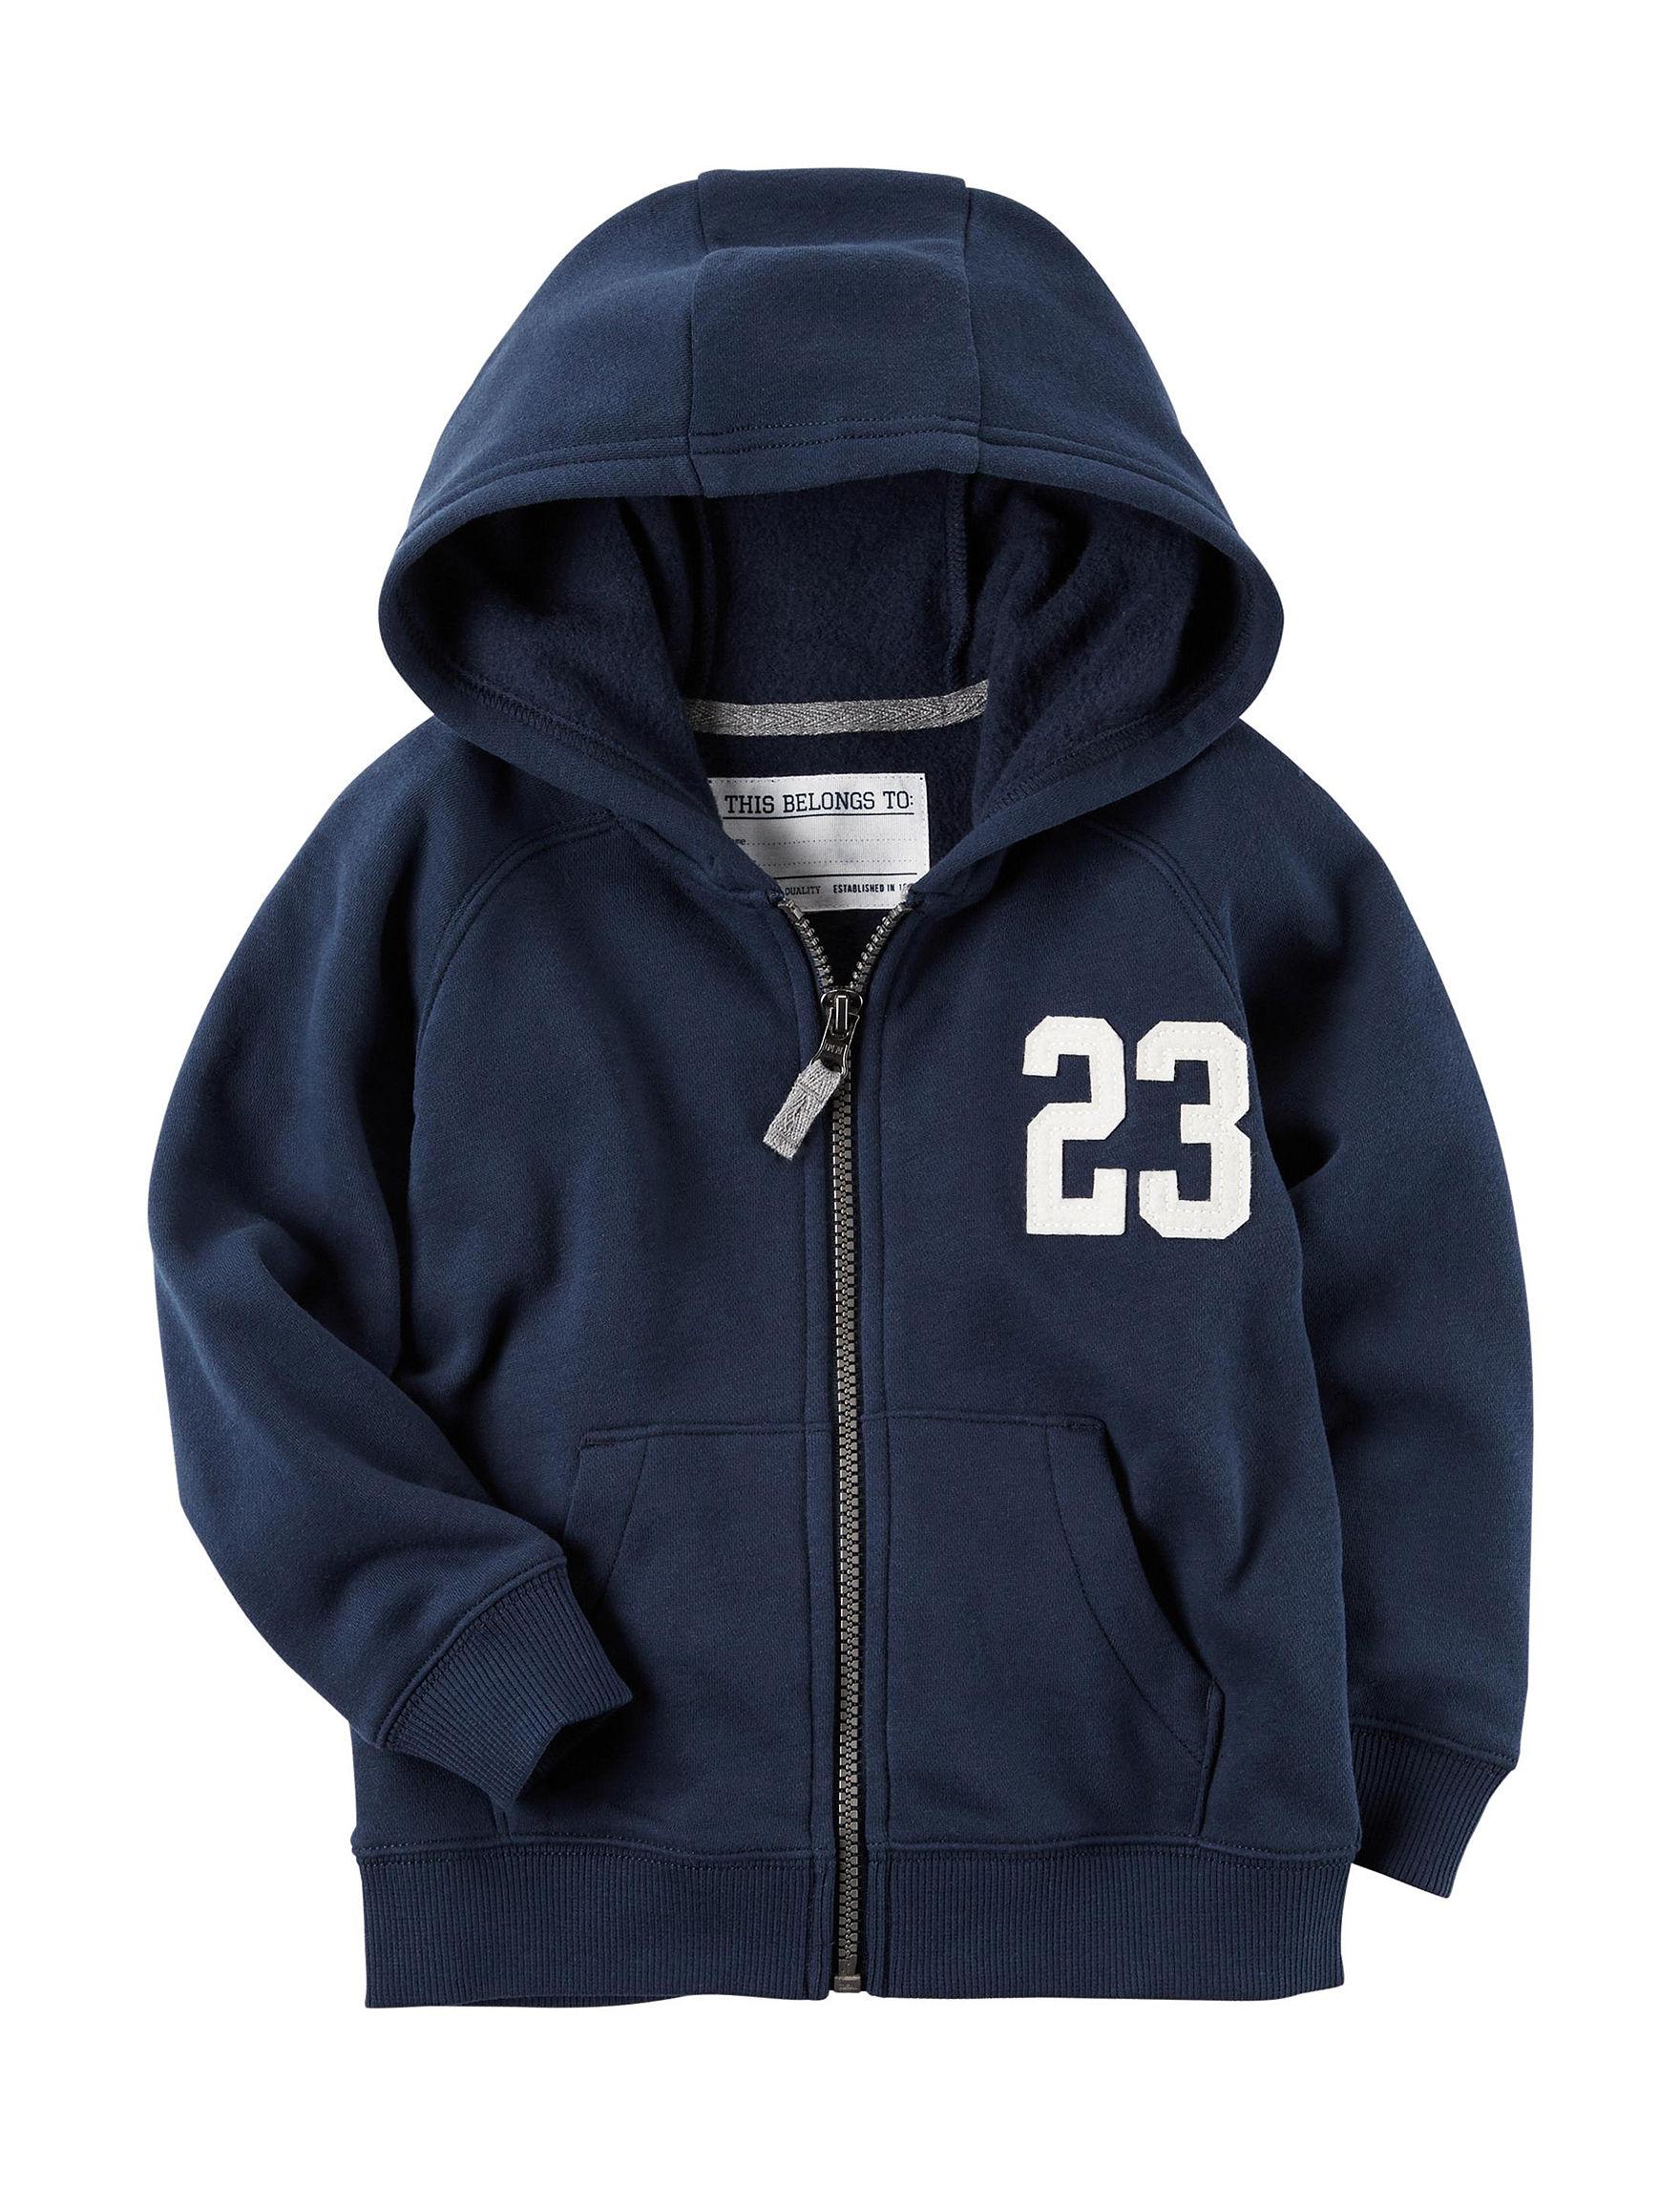 Carter's Blue Fleece & Soft Shell Jackets